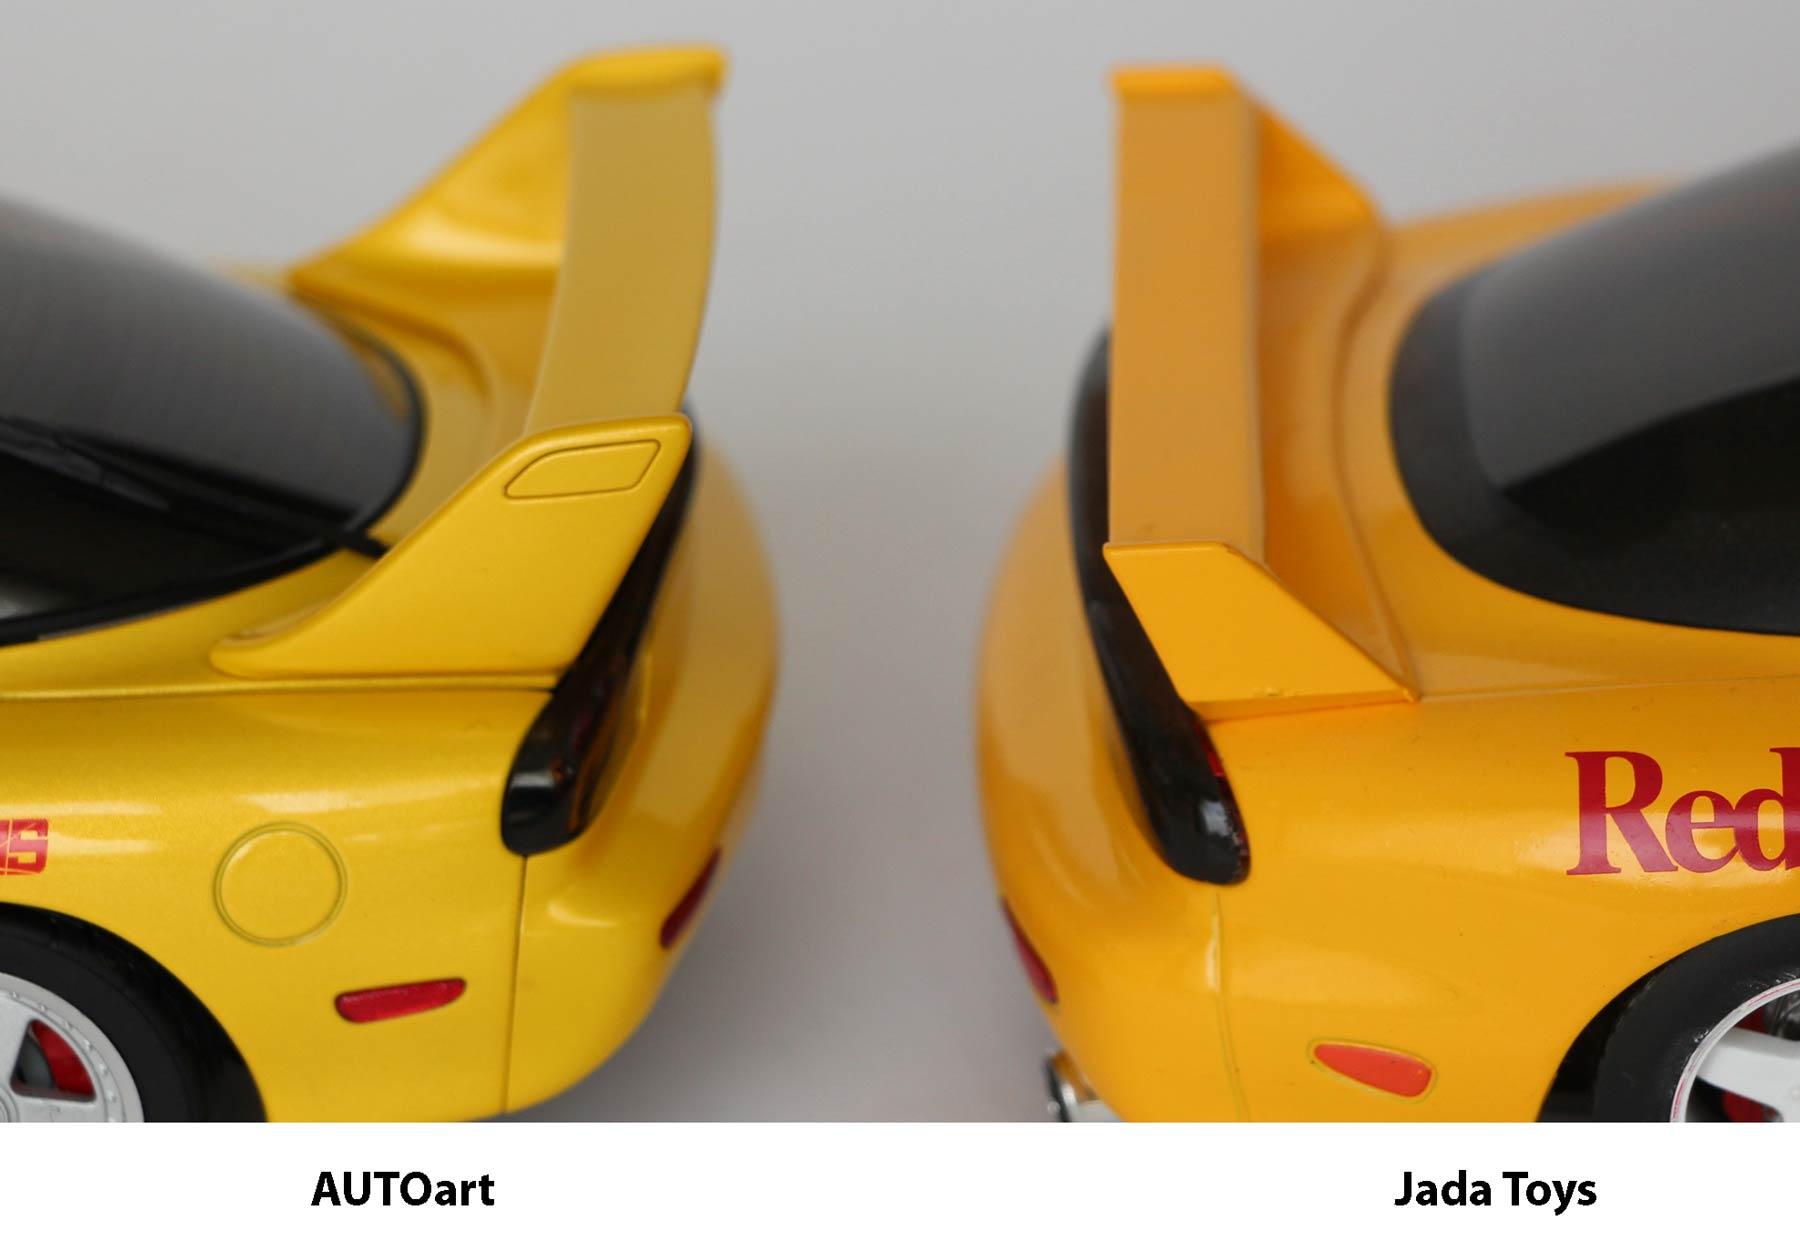 comparaison arrière de la version AUTOart et Jada Toys de la RX-7 d'Initial D